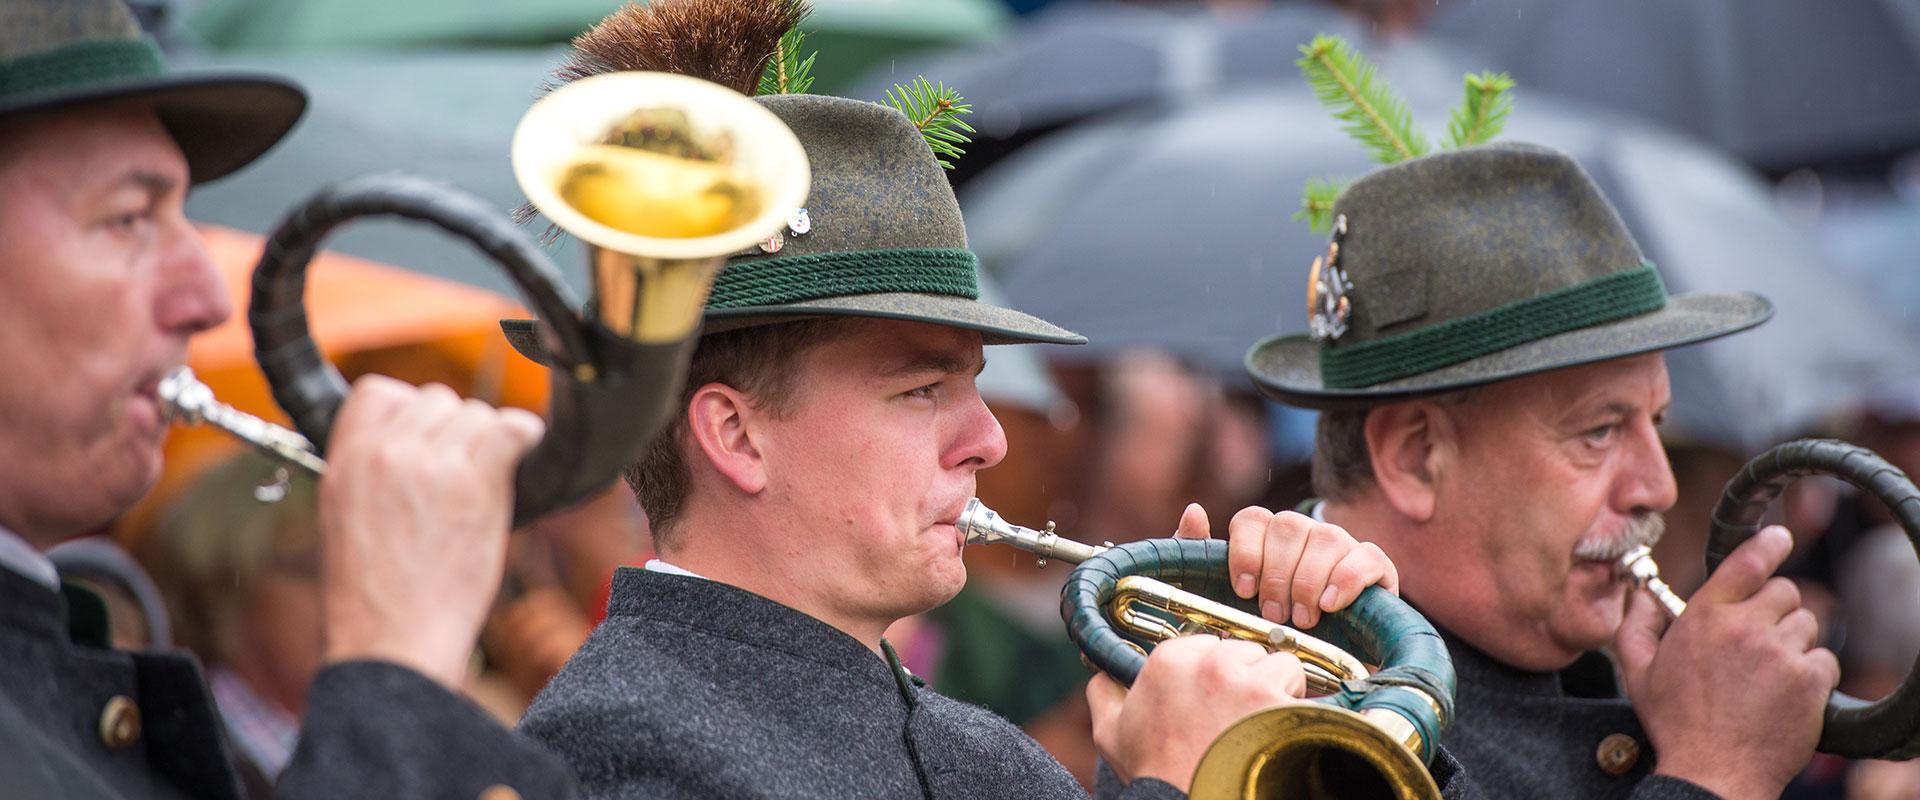 Veranstaltungen in Radstadt - Salzburger Land